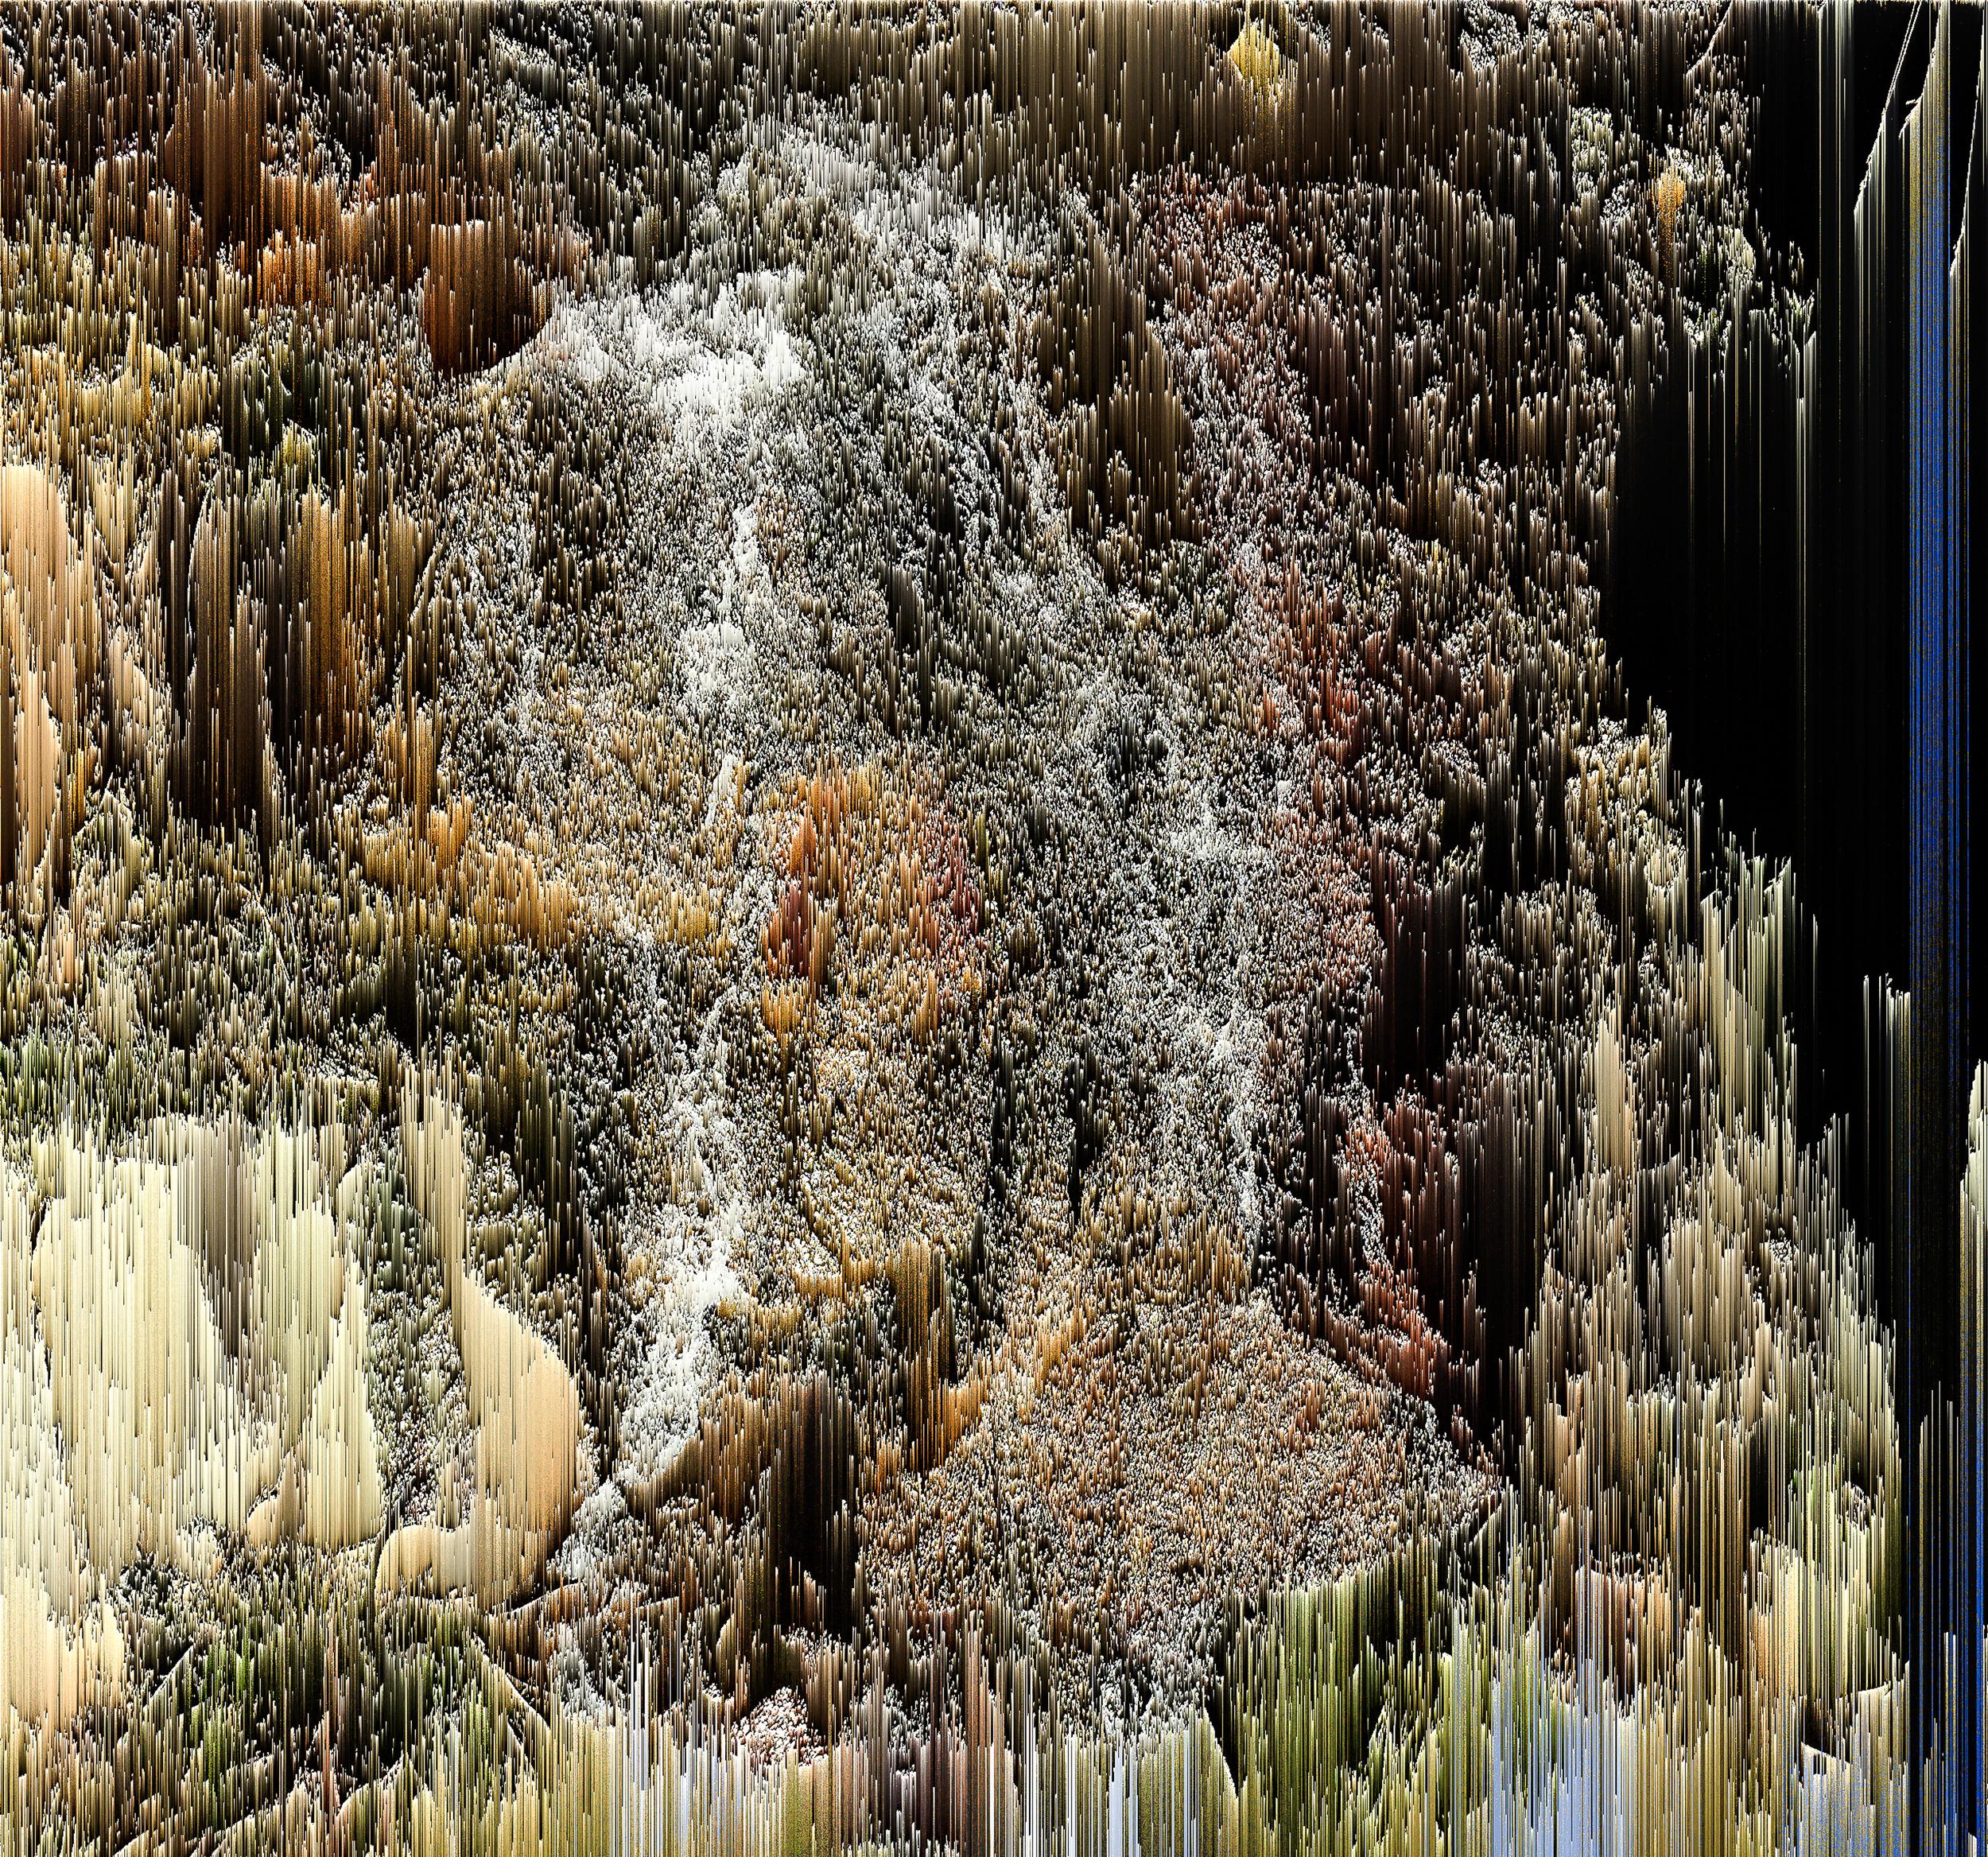 alban_guerry-suire_pixel_sorting-024.jpg